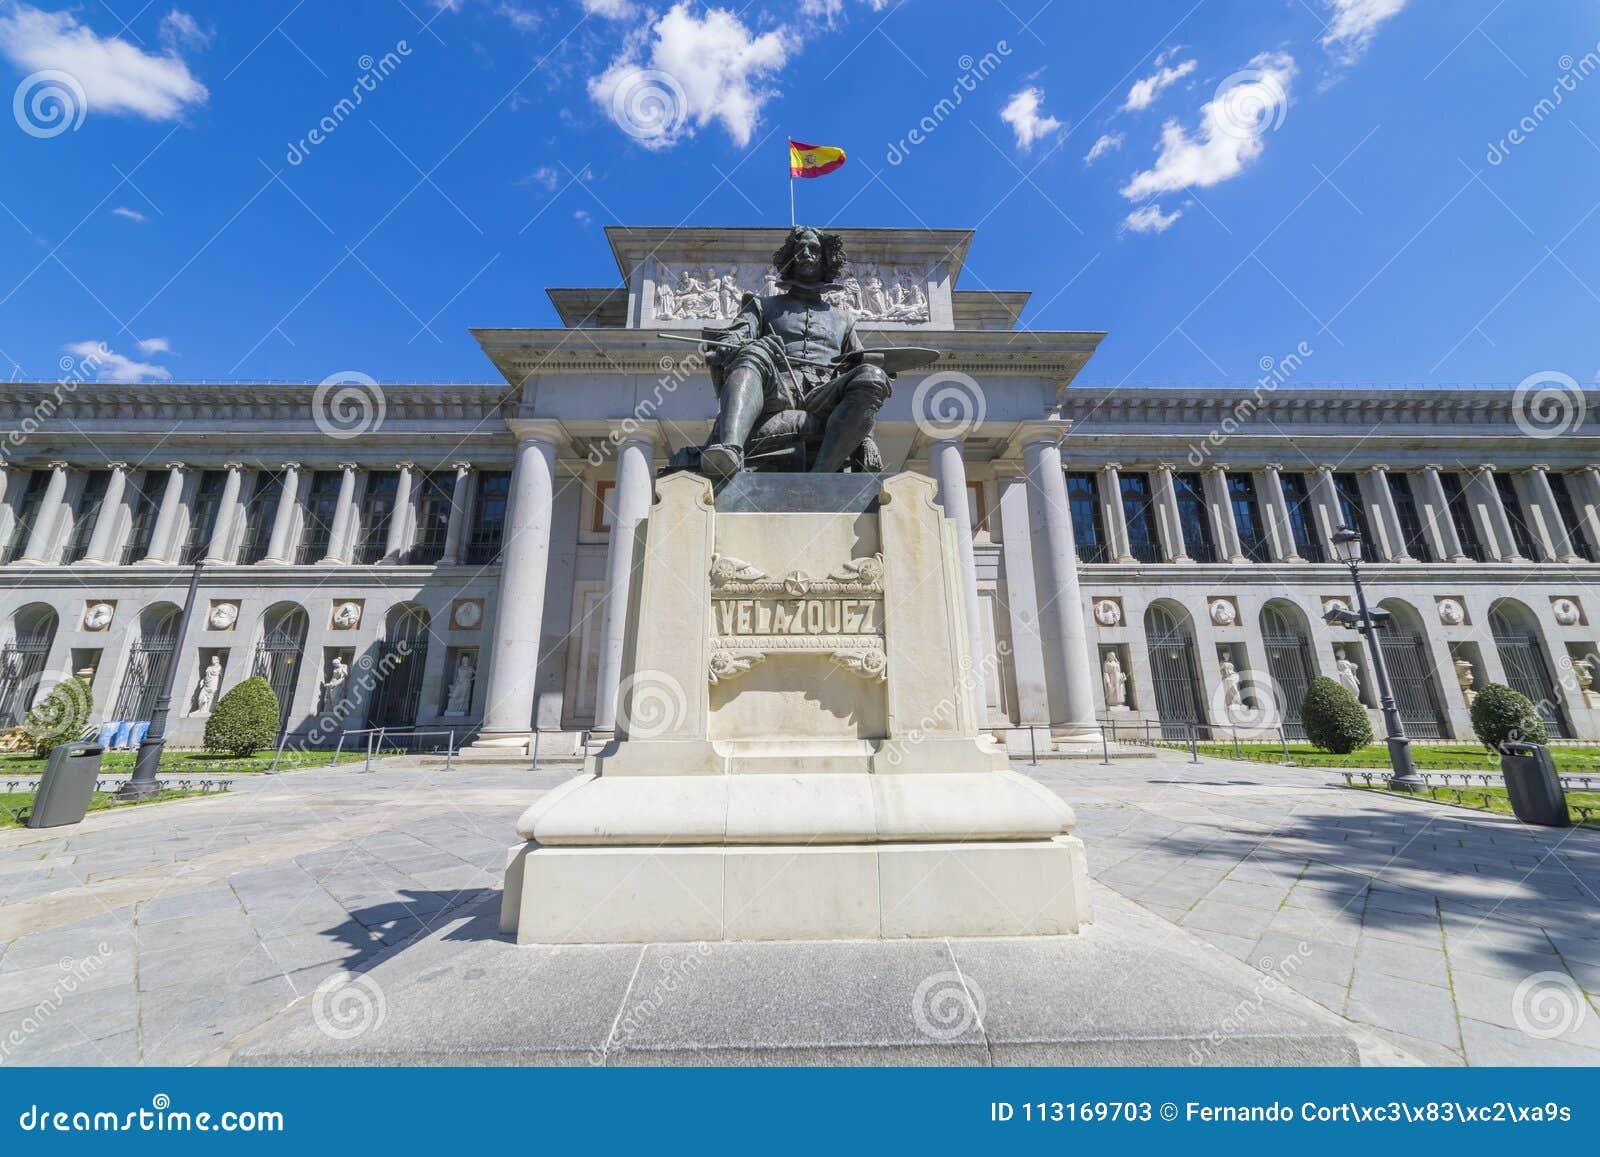 Fachada principal del museo de Prado, galería de arte vieja en España, Madri